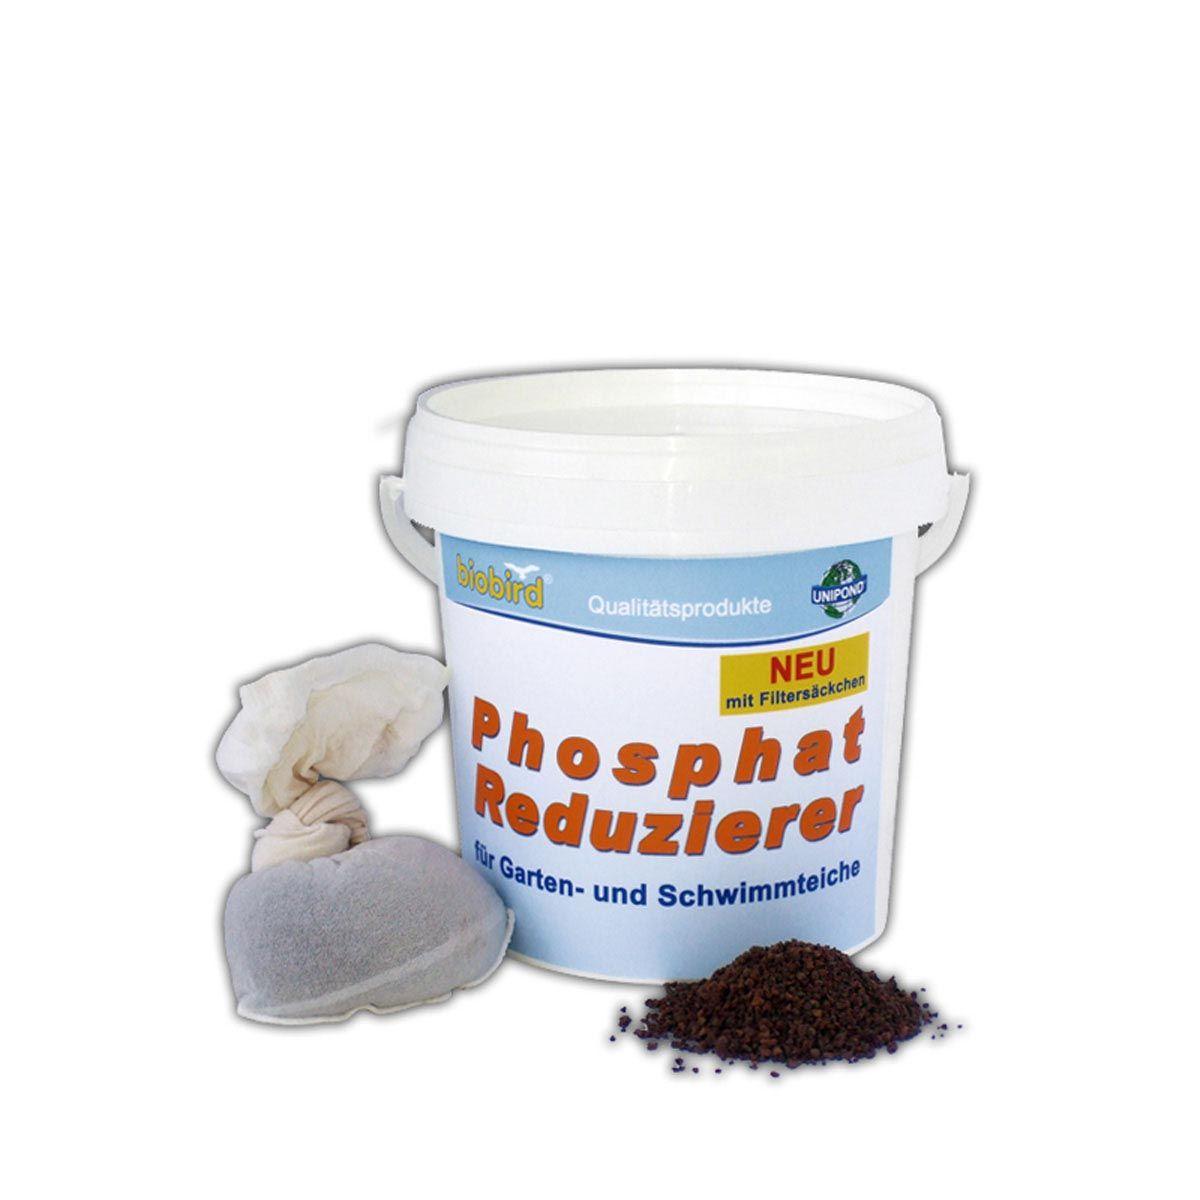 Phosphatreduzierer